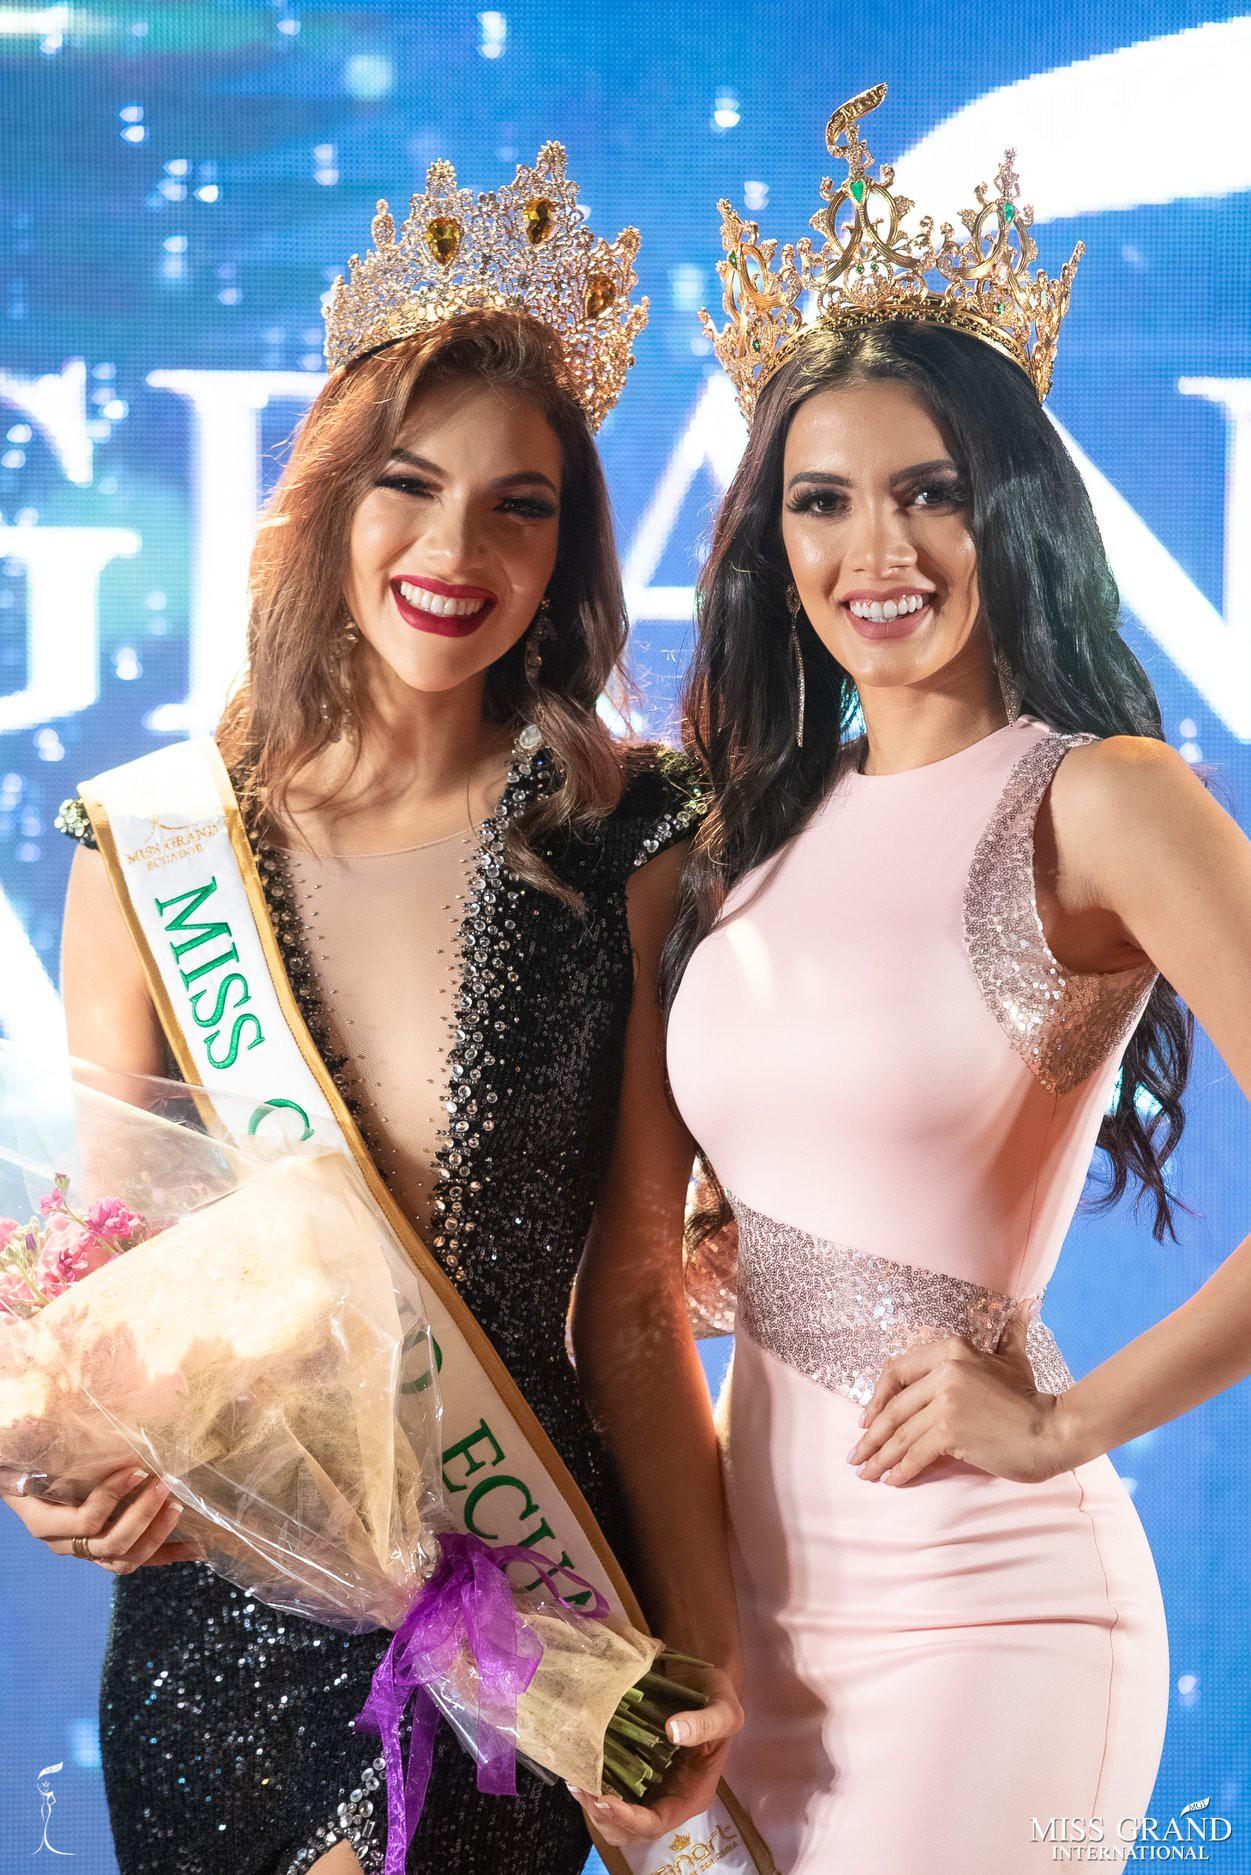 Nhan sắc rực rỡ của Hoa hậu Hòa bình Ecuador 2019  - Ảnh 2.